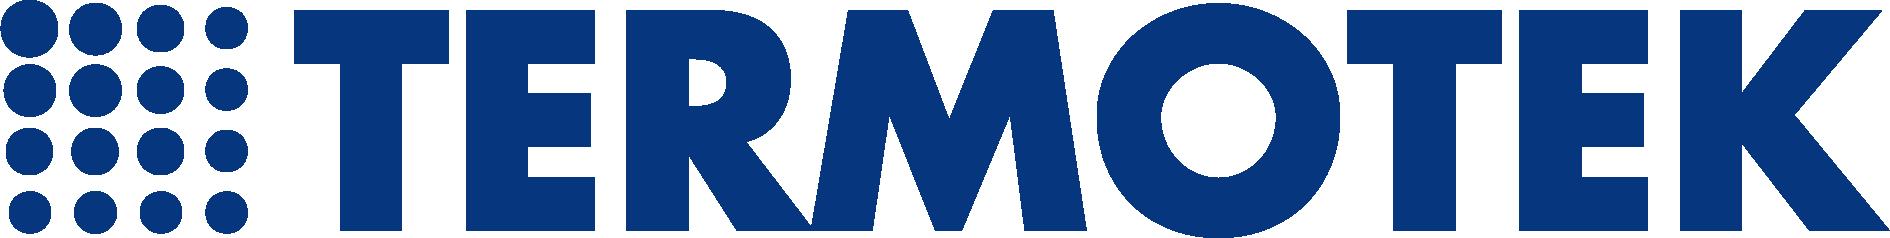 logo_termotek_dark_1_-